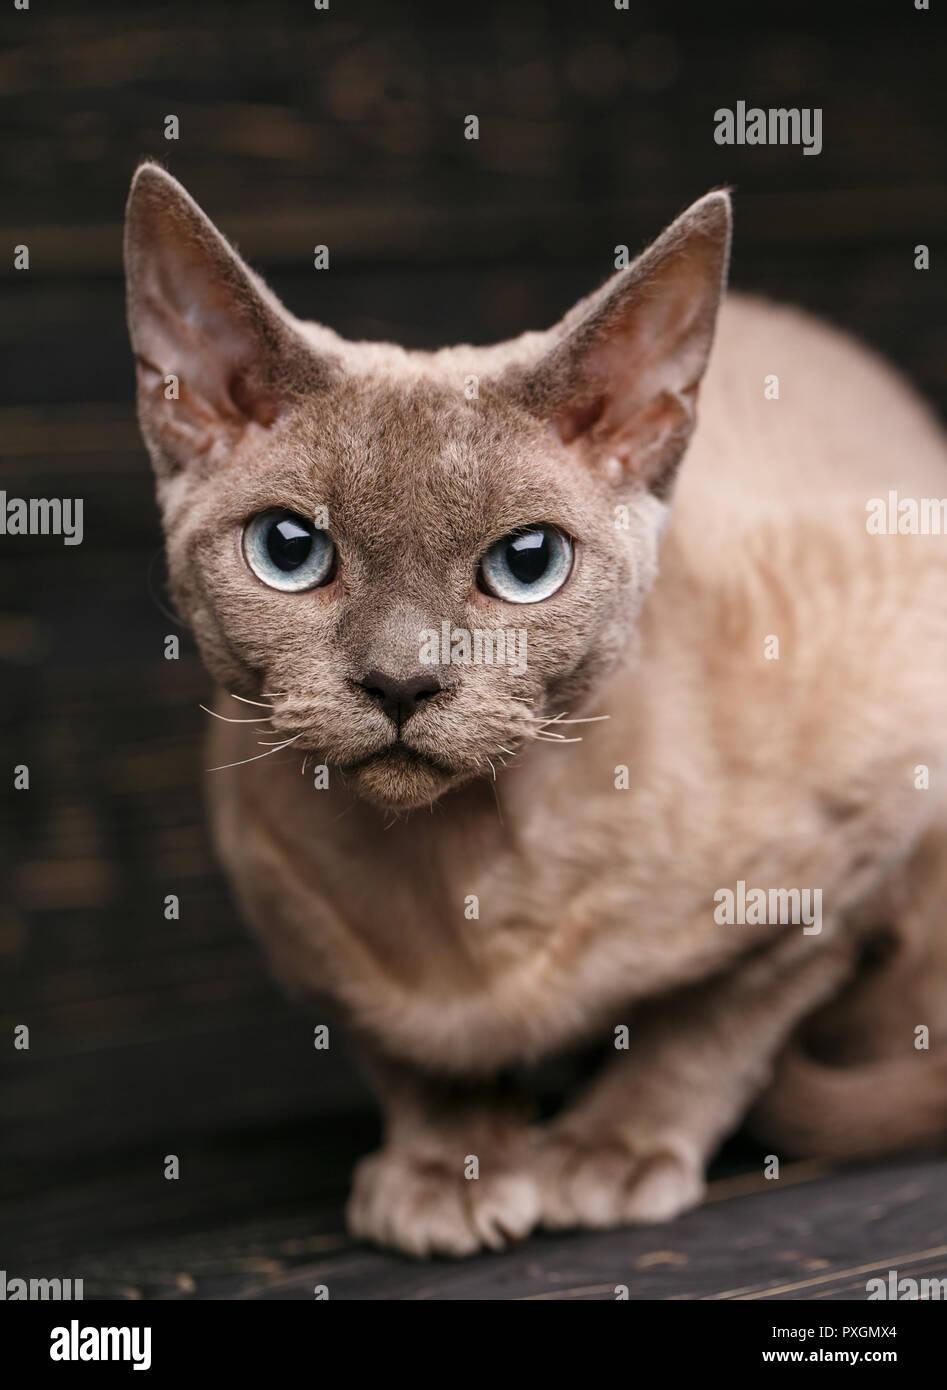 Schöne große reinrassige Devon Rex Katze portrait Stockbild